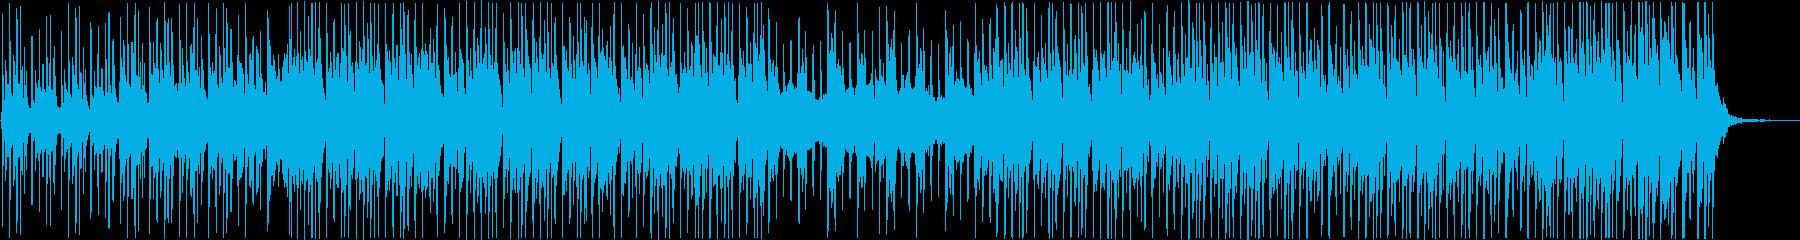 高揚感溢れるリズミカルなメロディの再生済みの波形